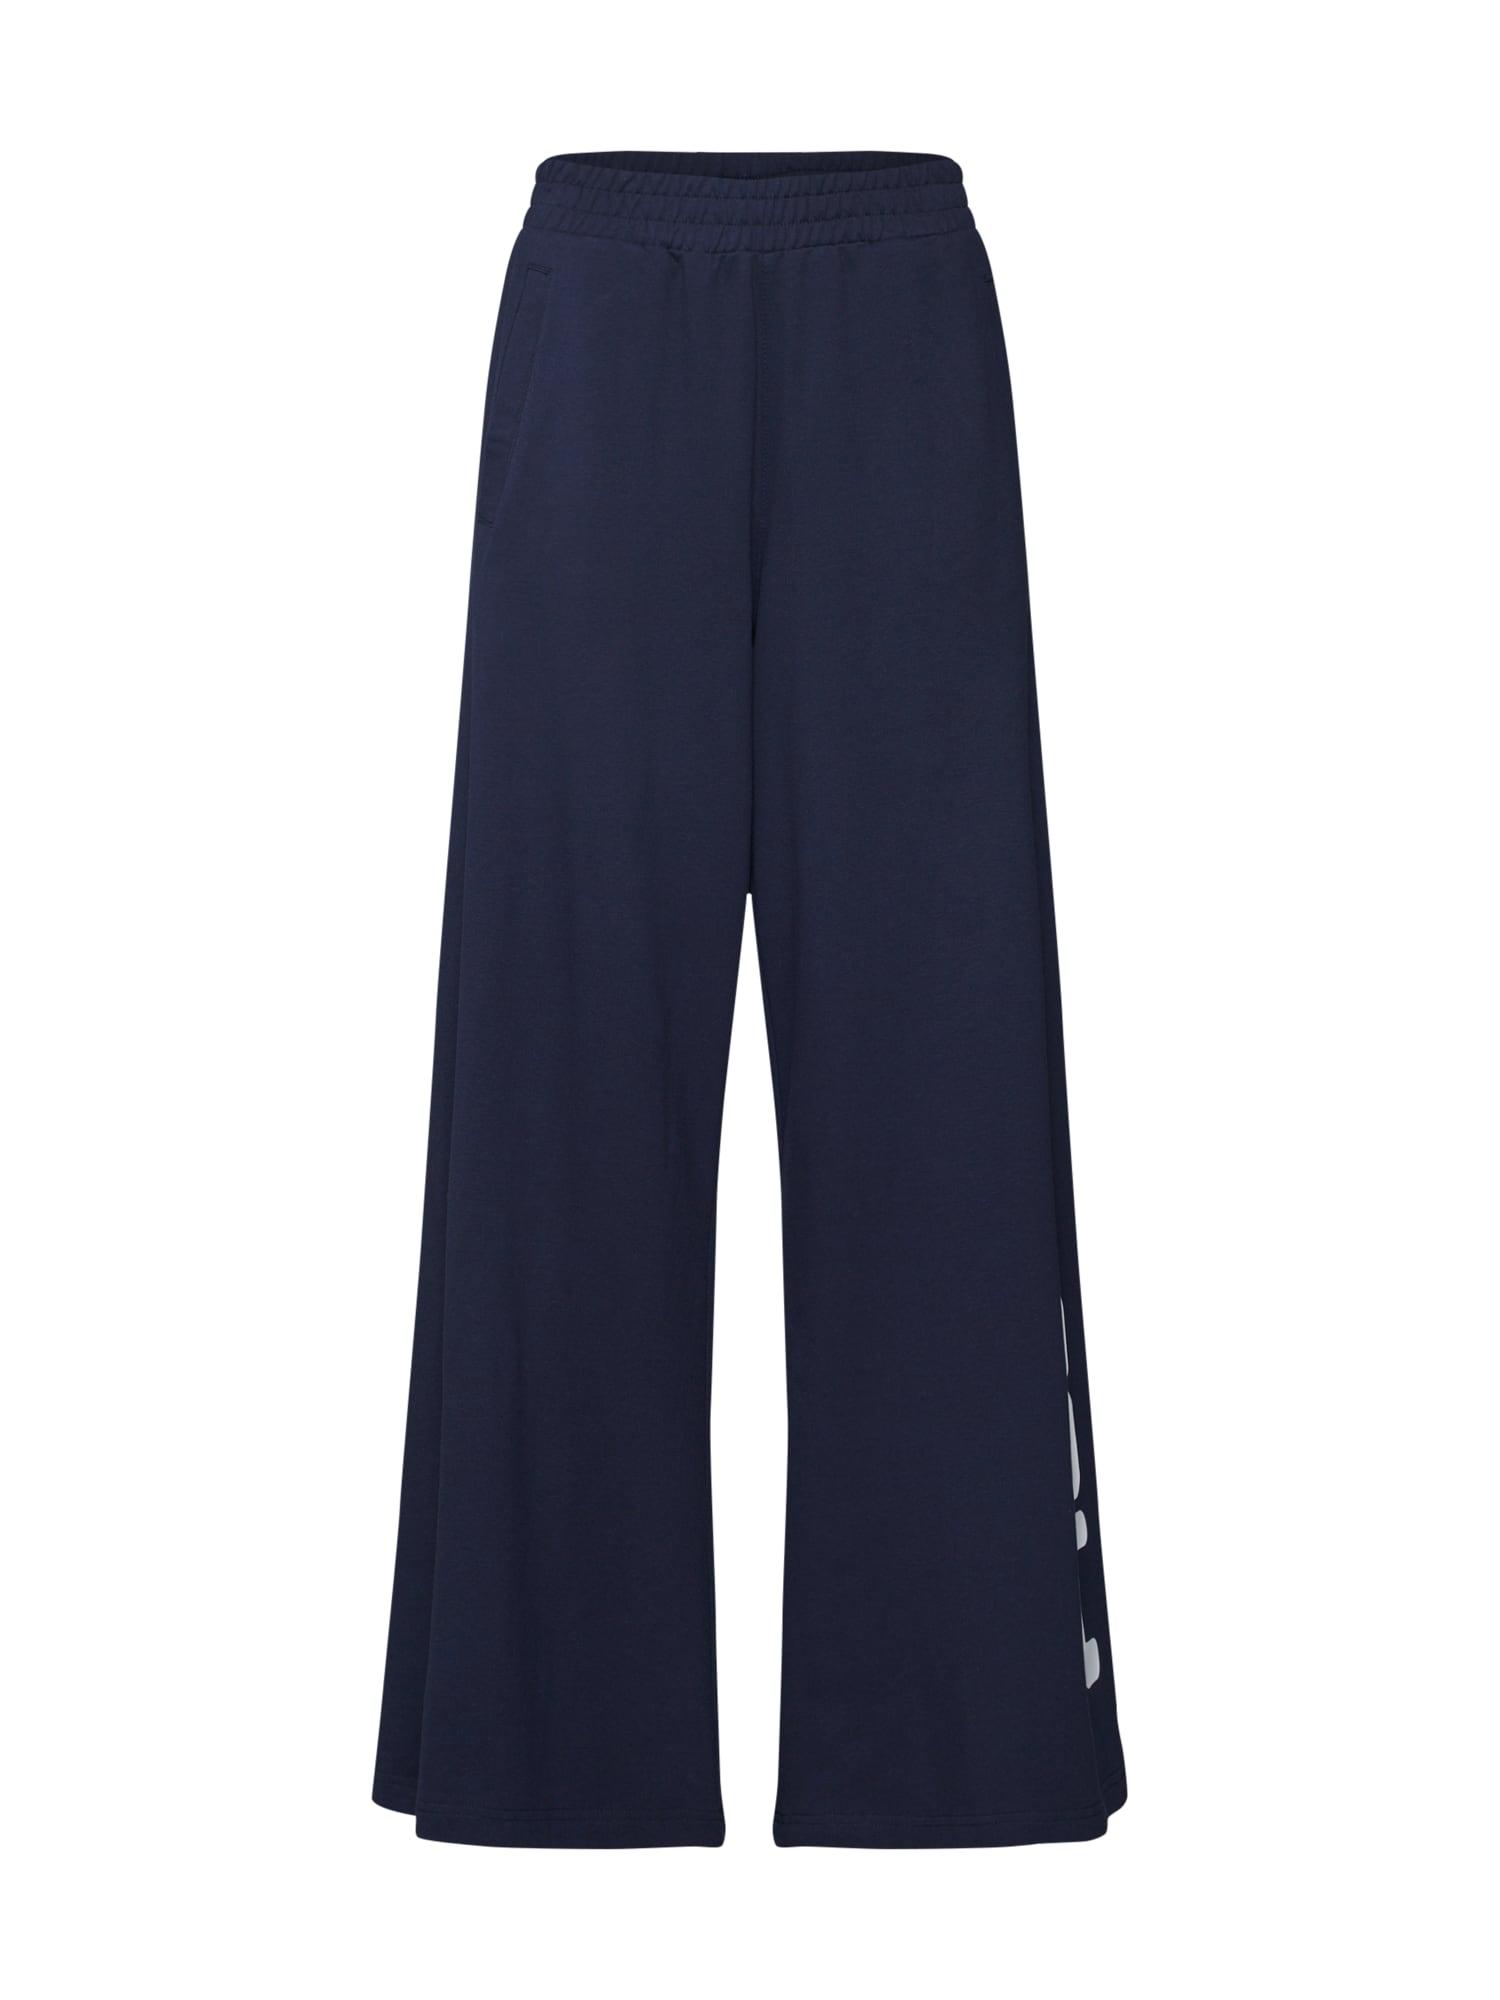 Kalhoty JAMAICA Wide Pant námořnická modř FILA